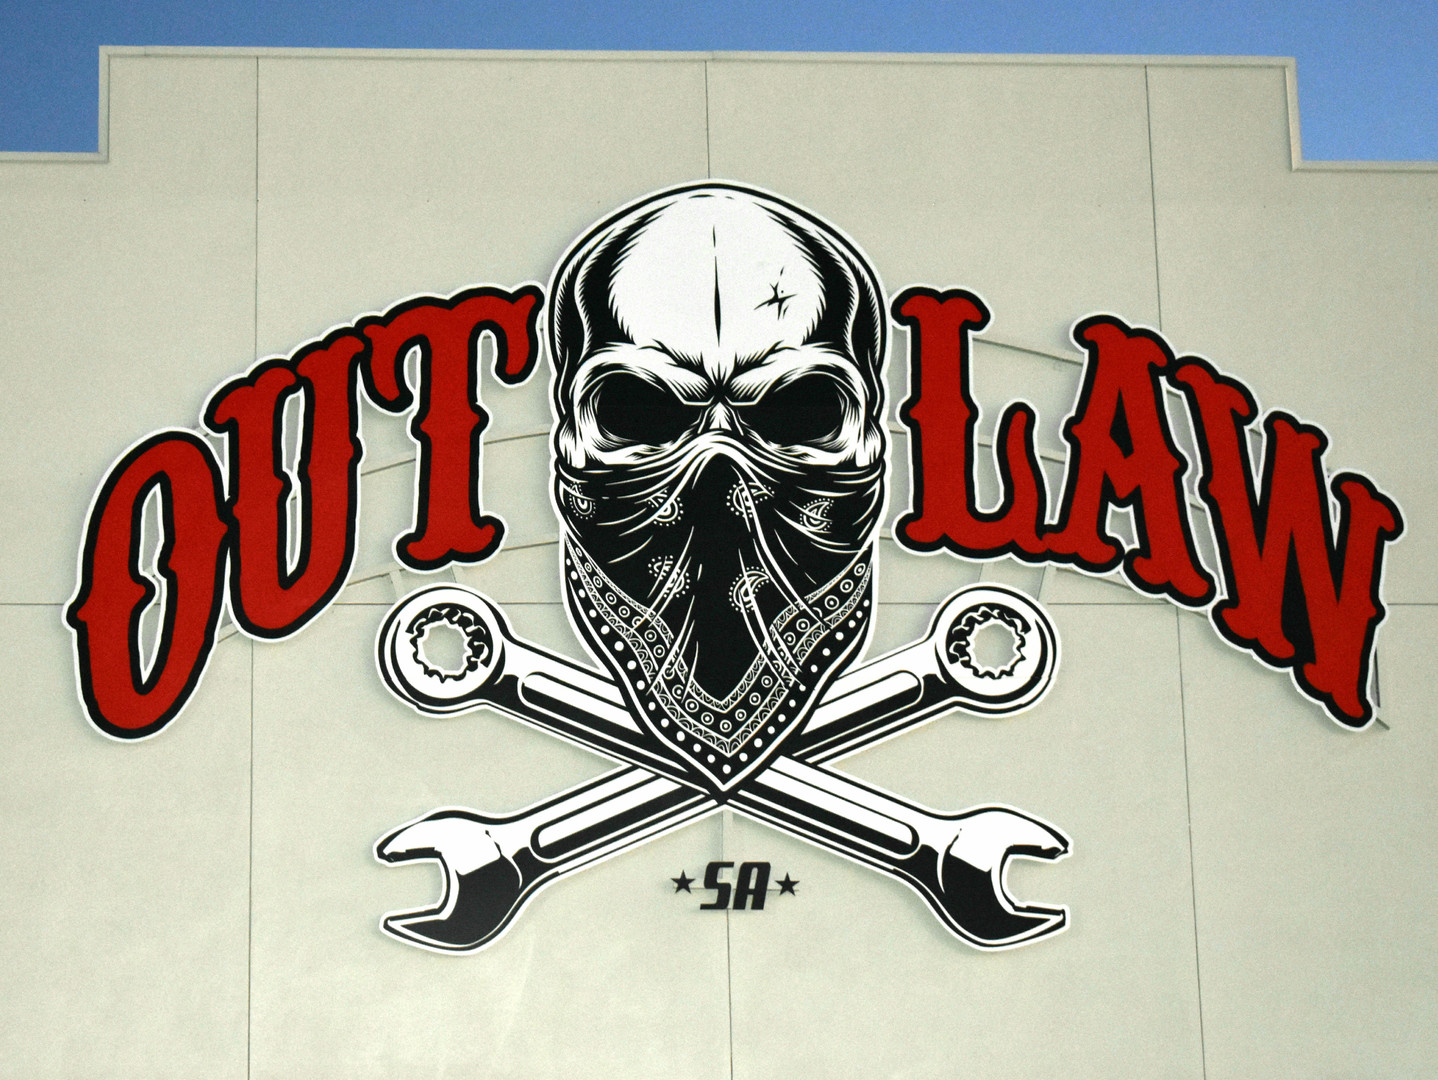 OUTLAW bldg sign.jpg